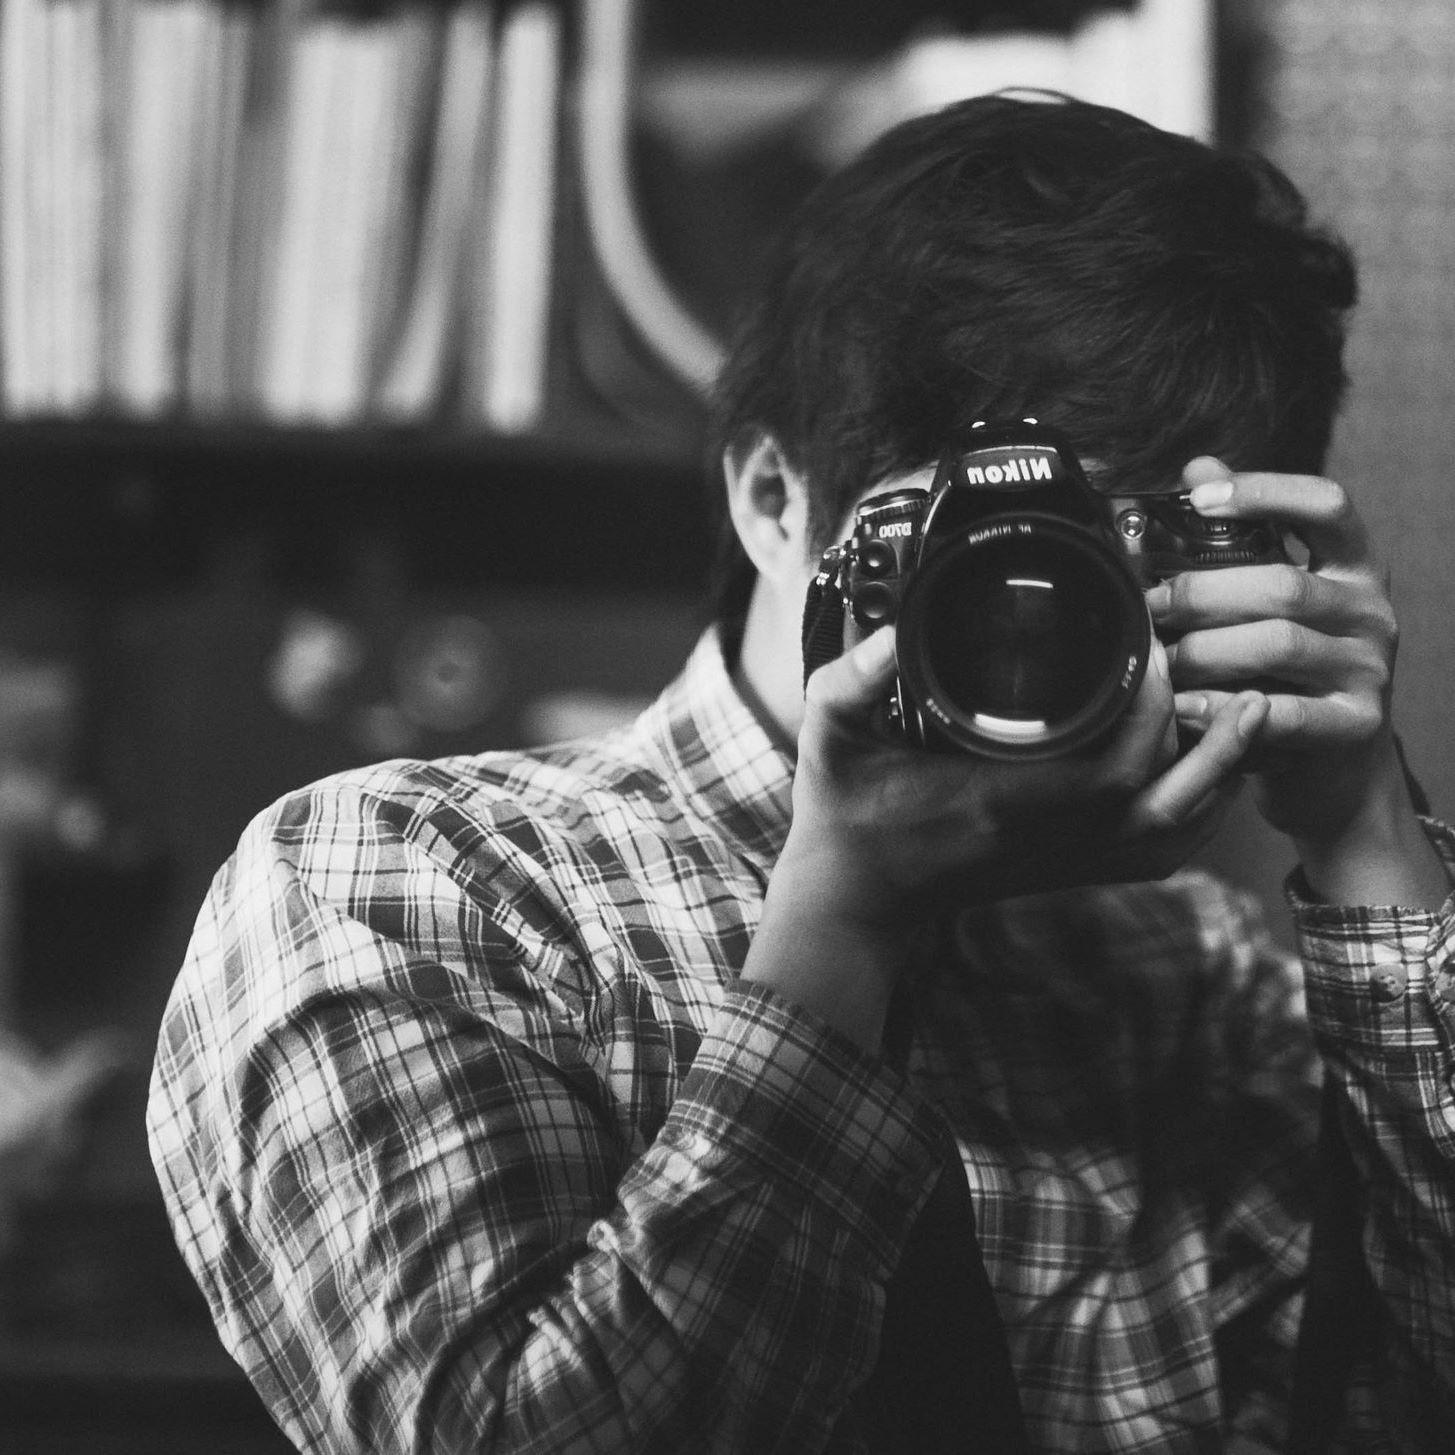 Một nhiếp ảnh gia tên tuổi bị hàng loạt người mẫu Tây tố làm việc thiếu chuyên nghiệp, gửi clip nhạy cảm để trêu đùa - Ảnh 2.